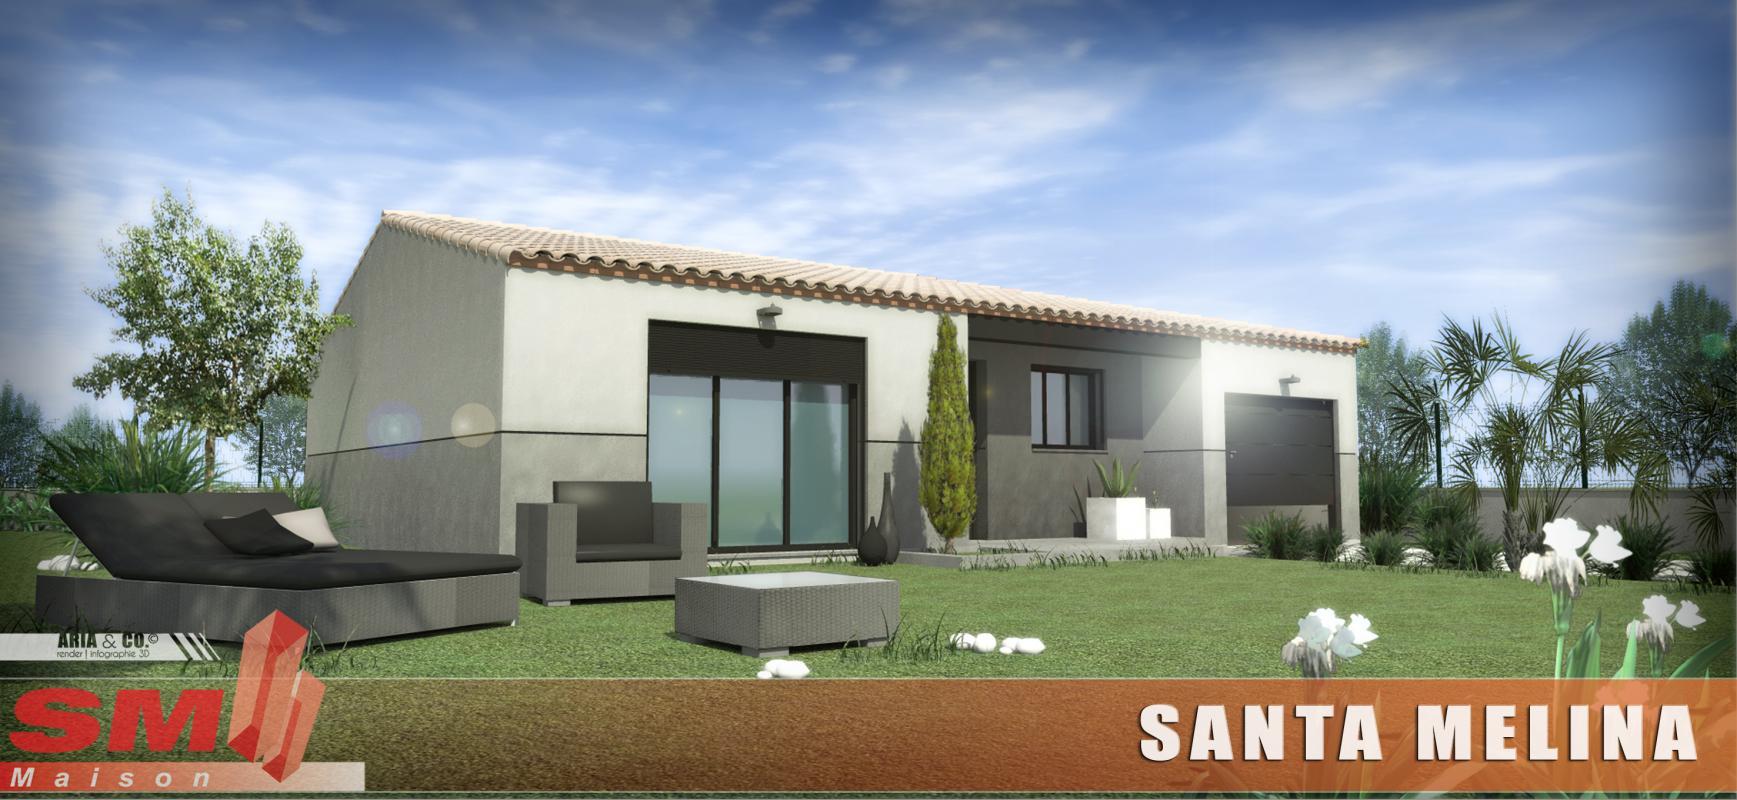 Maisons + Terrains du constructeur SM MAISON • RIEUX MINERVOIS